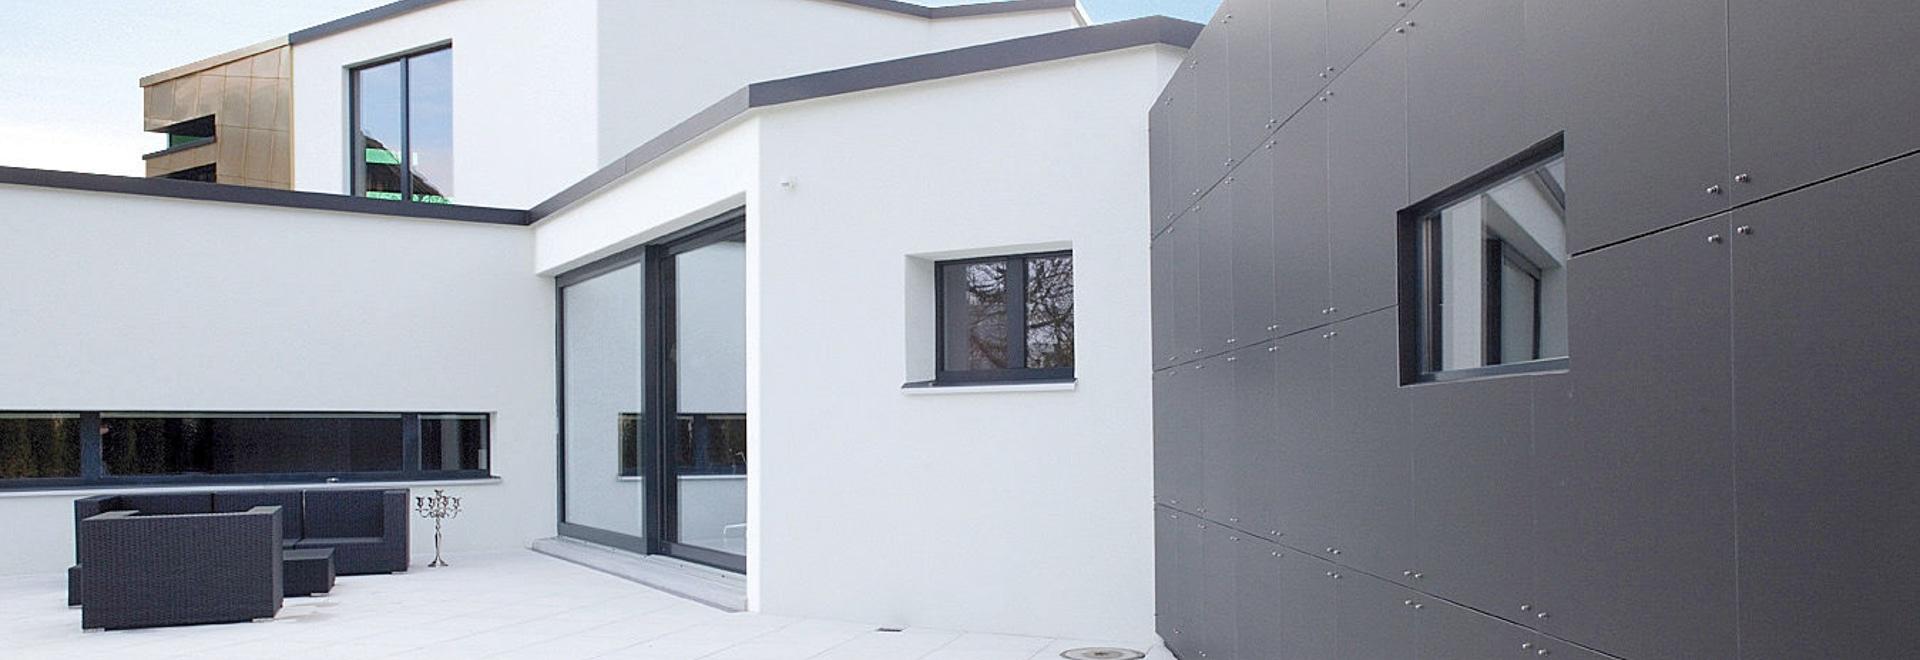 Einzelhaus Villa W. – Klar und wirksam Farbkontrast mit Reynbond Zink-Verbundplatten